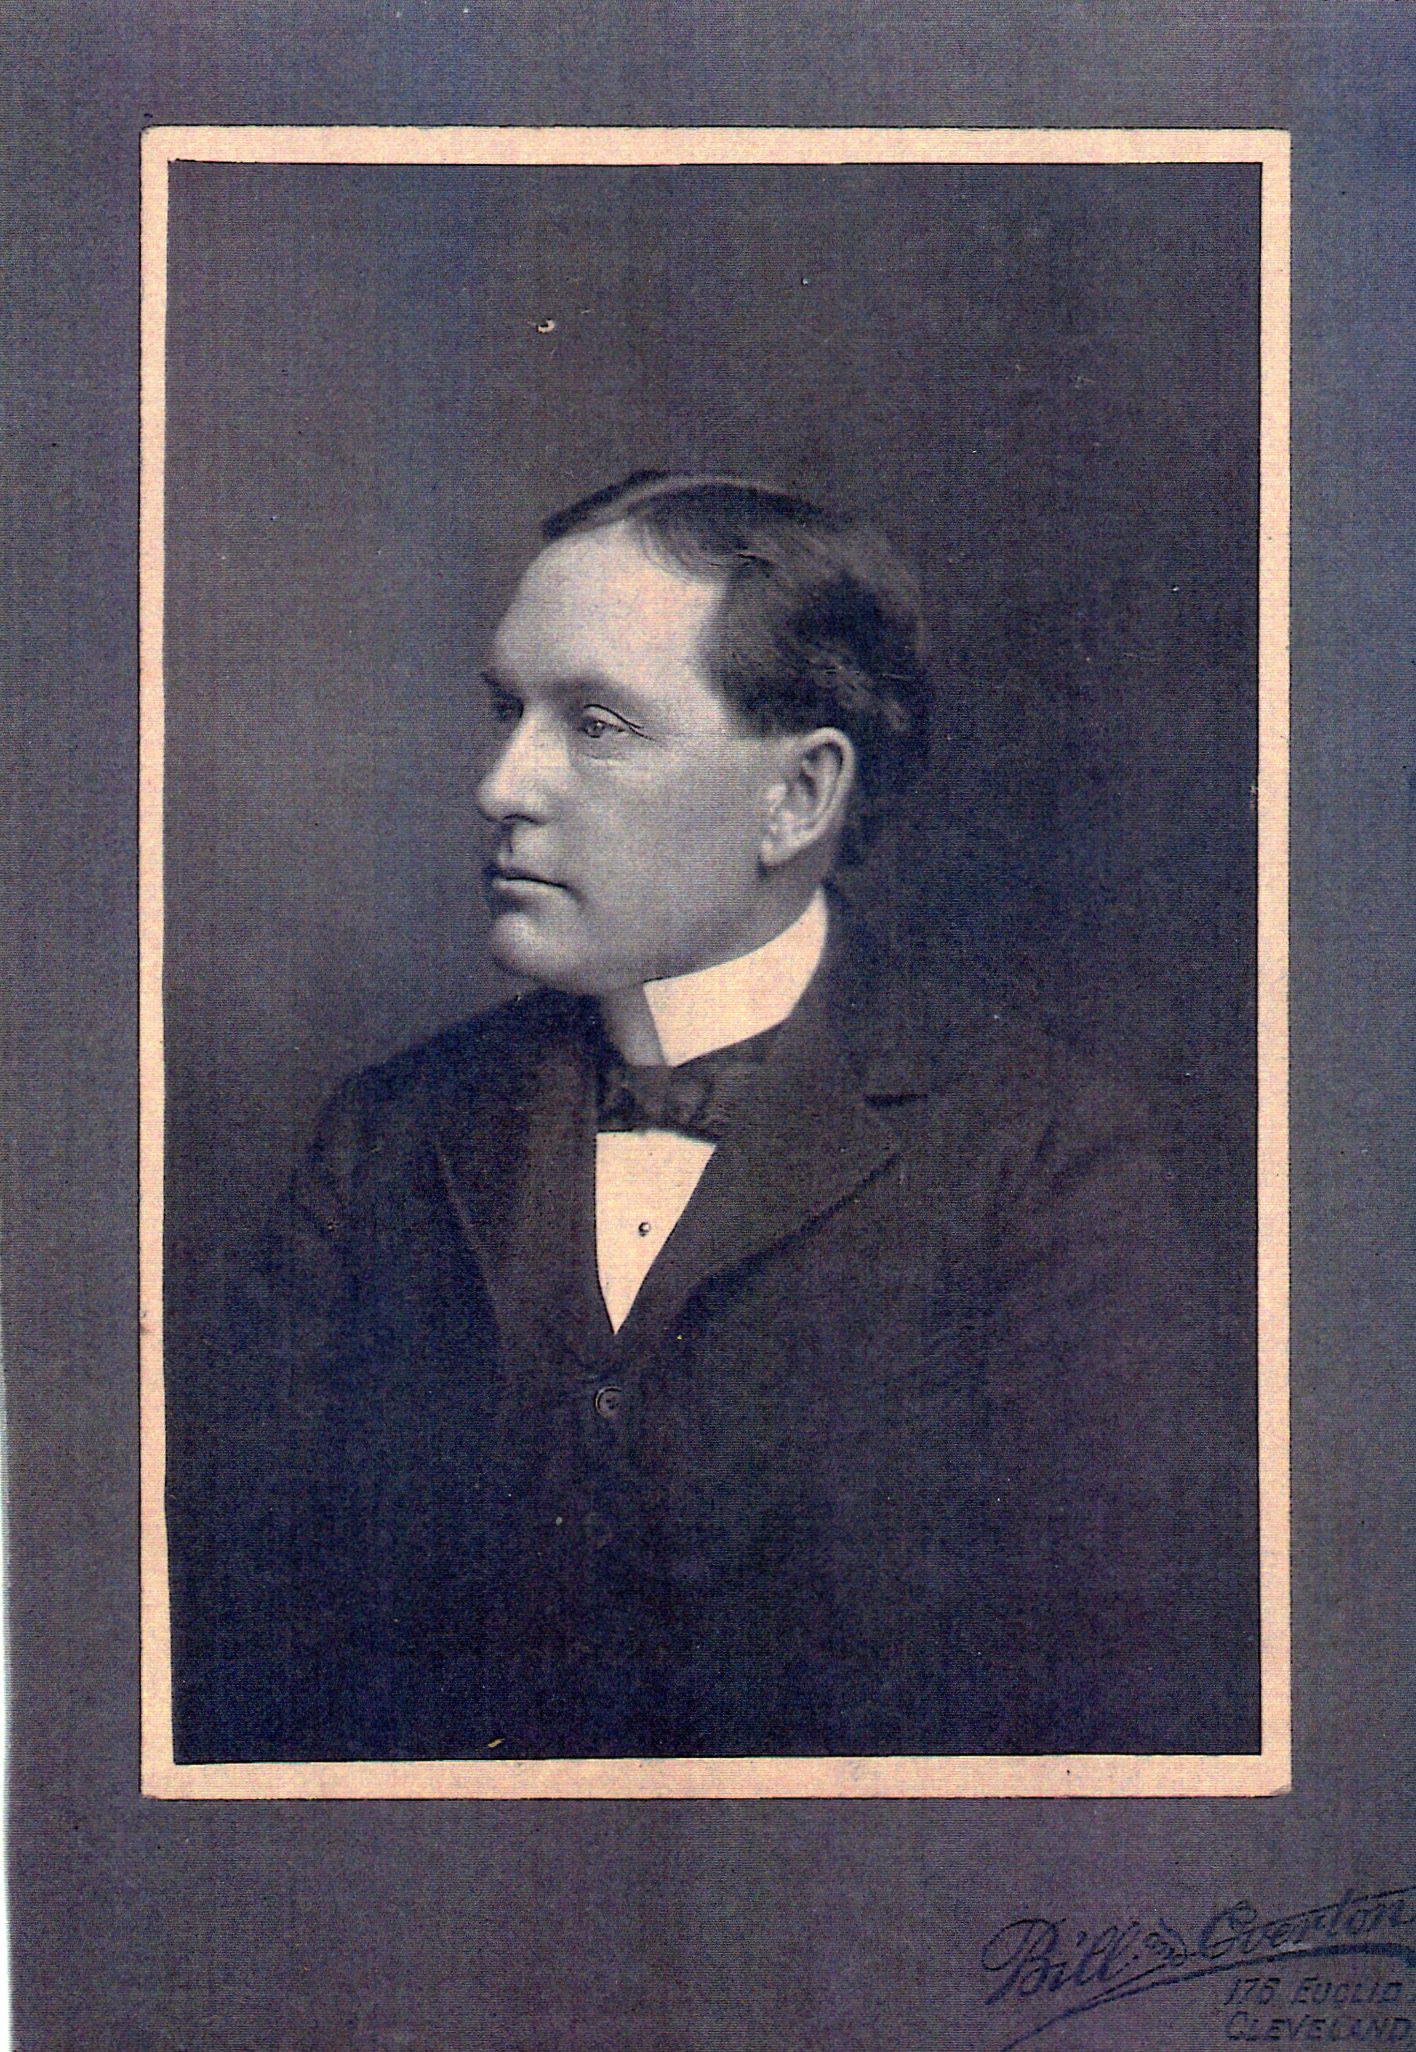 George Bruce Meredith